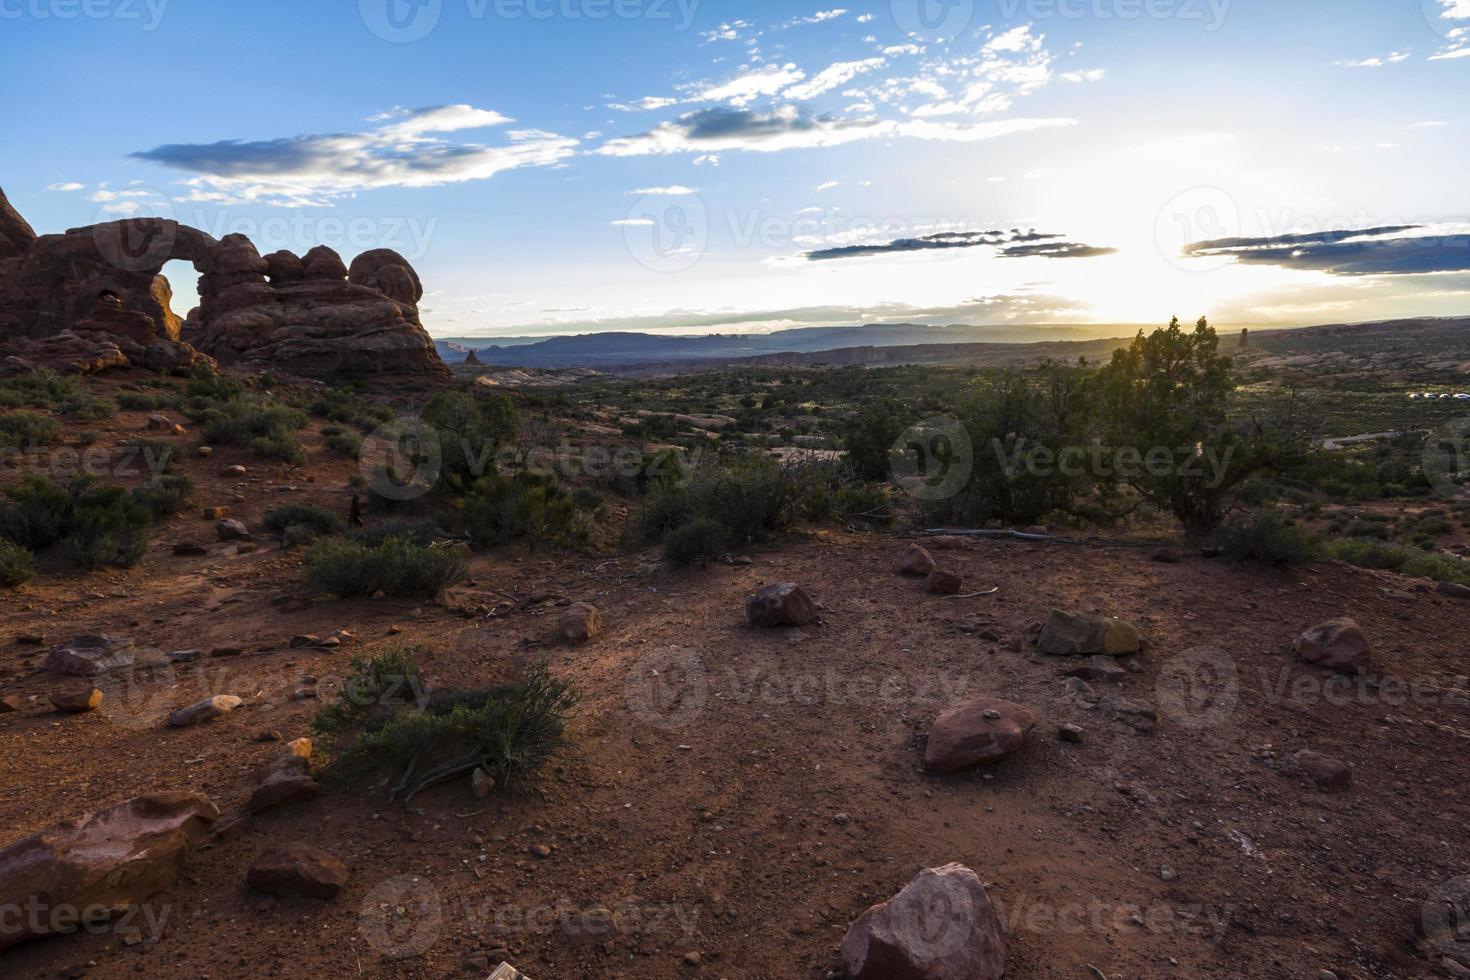 arcos np paisagem do deserto em utah foto